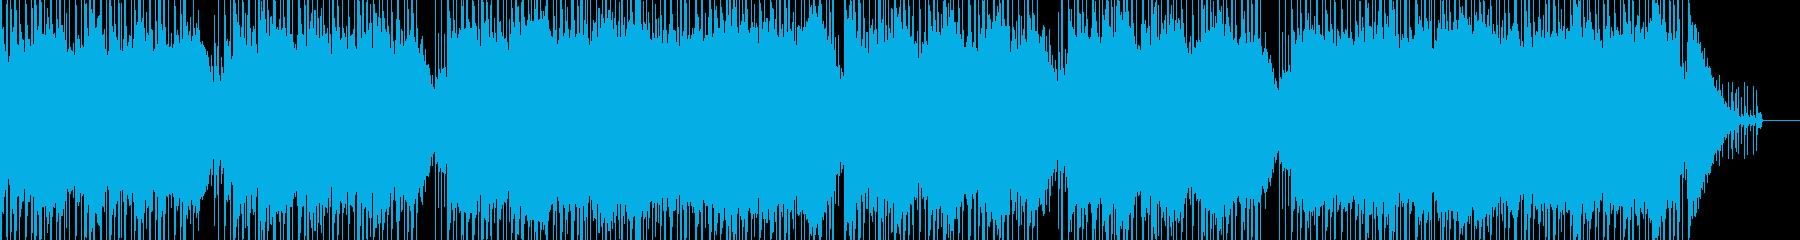 まったりのんびりチルいヒップホップです。の再生済みの波形